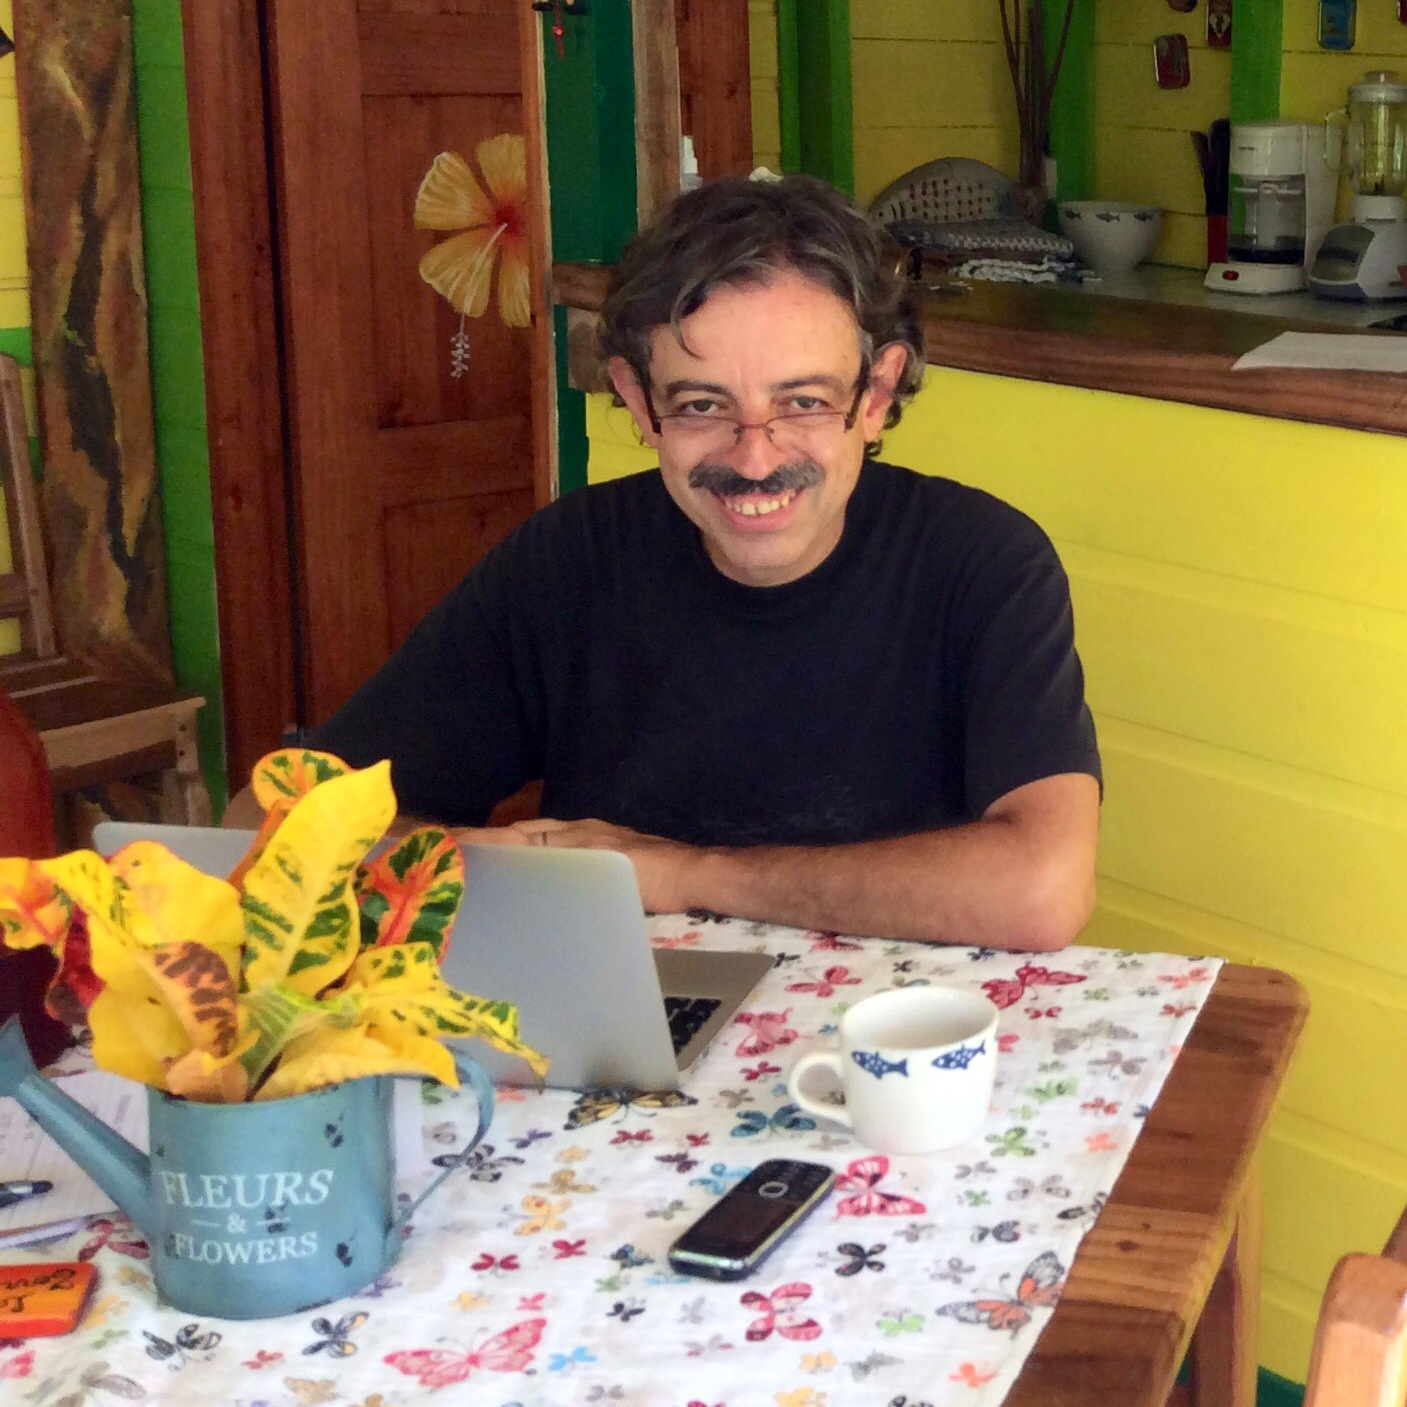 Uno sguardo dal blog. Punto di osservazione privilegiato dell'avventura italiana in Costa Rica